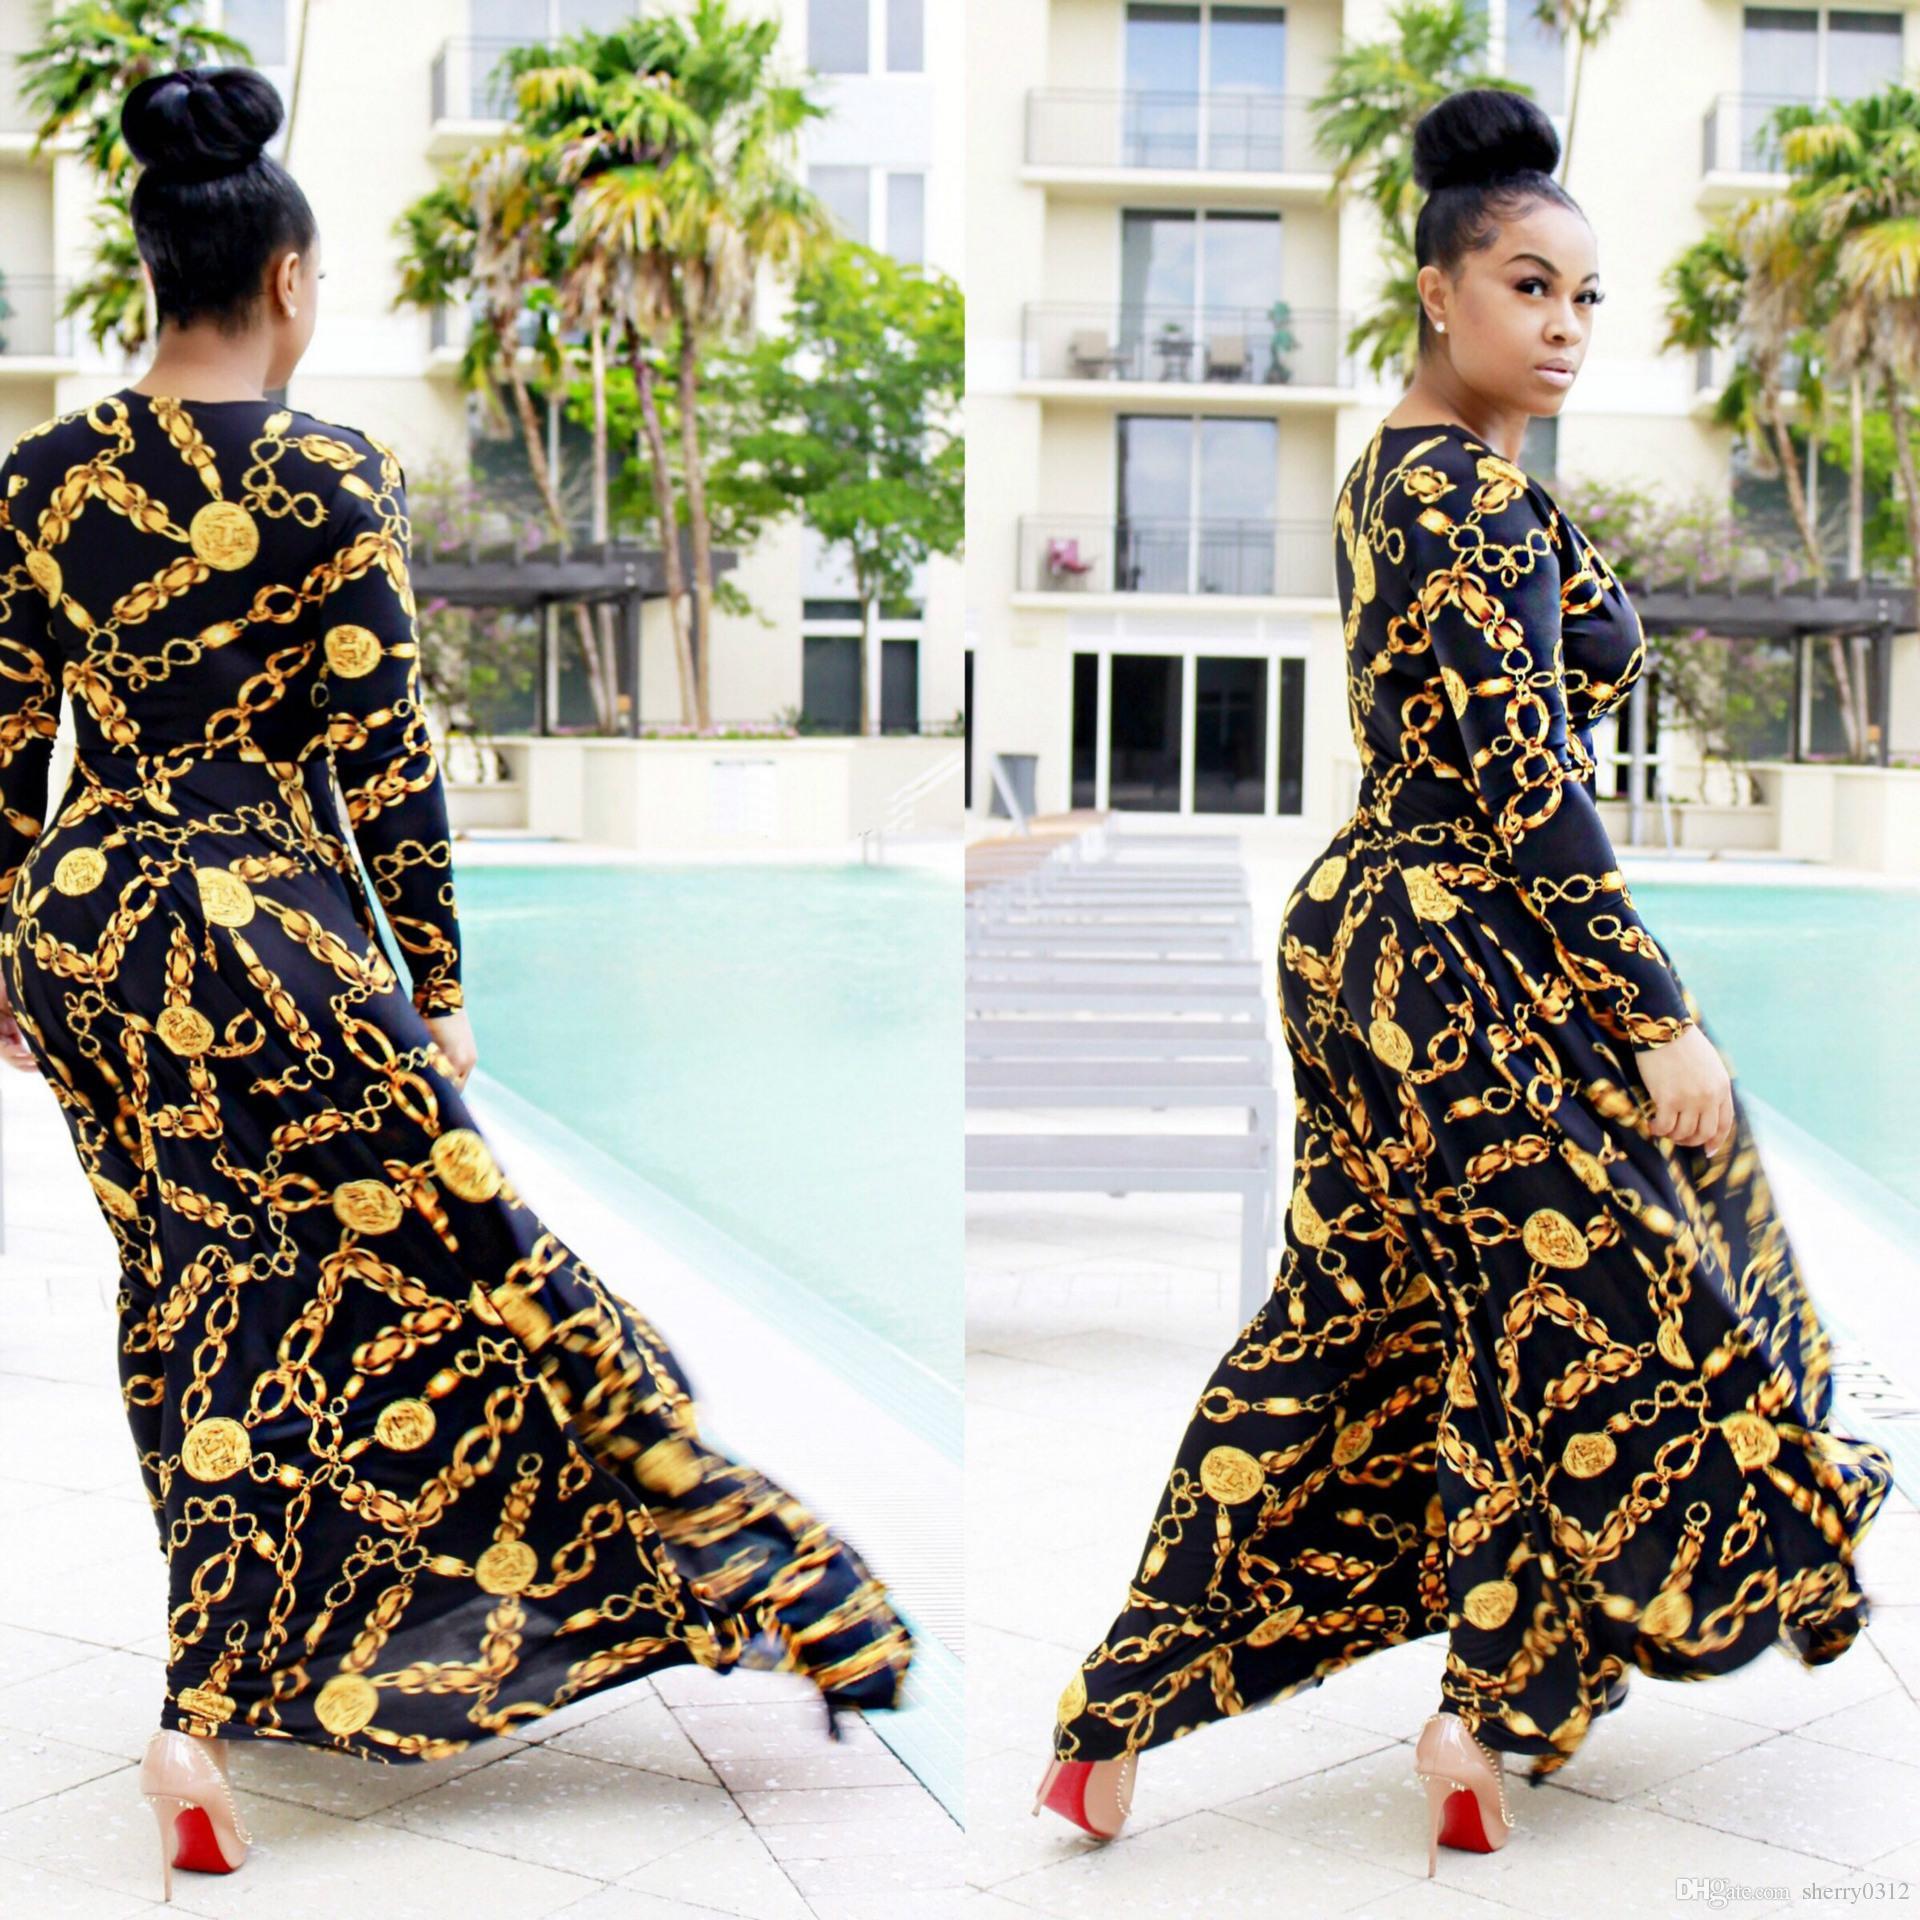 a7bda05619 Vestito lungo da donna 2017 primavera Vestito lungo stampato tradizionale  africano Dashiki Elastico elegante aderente Catena vintage stampato Abiti  ...